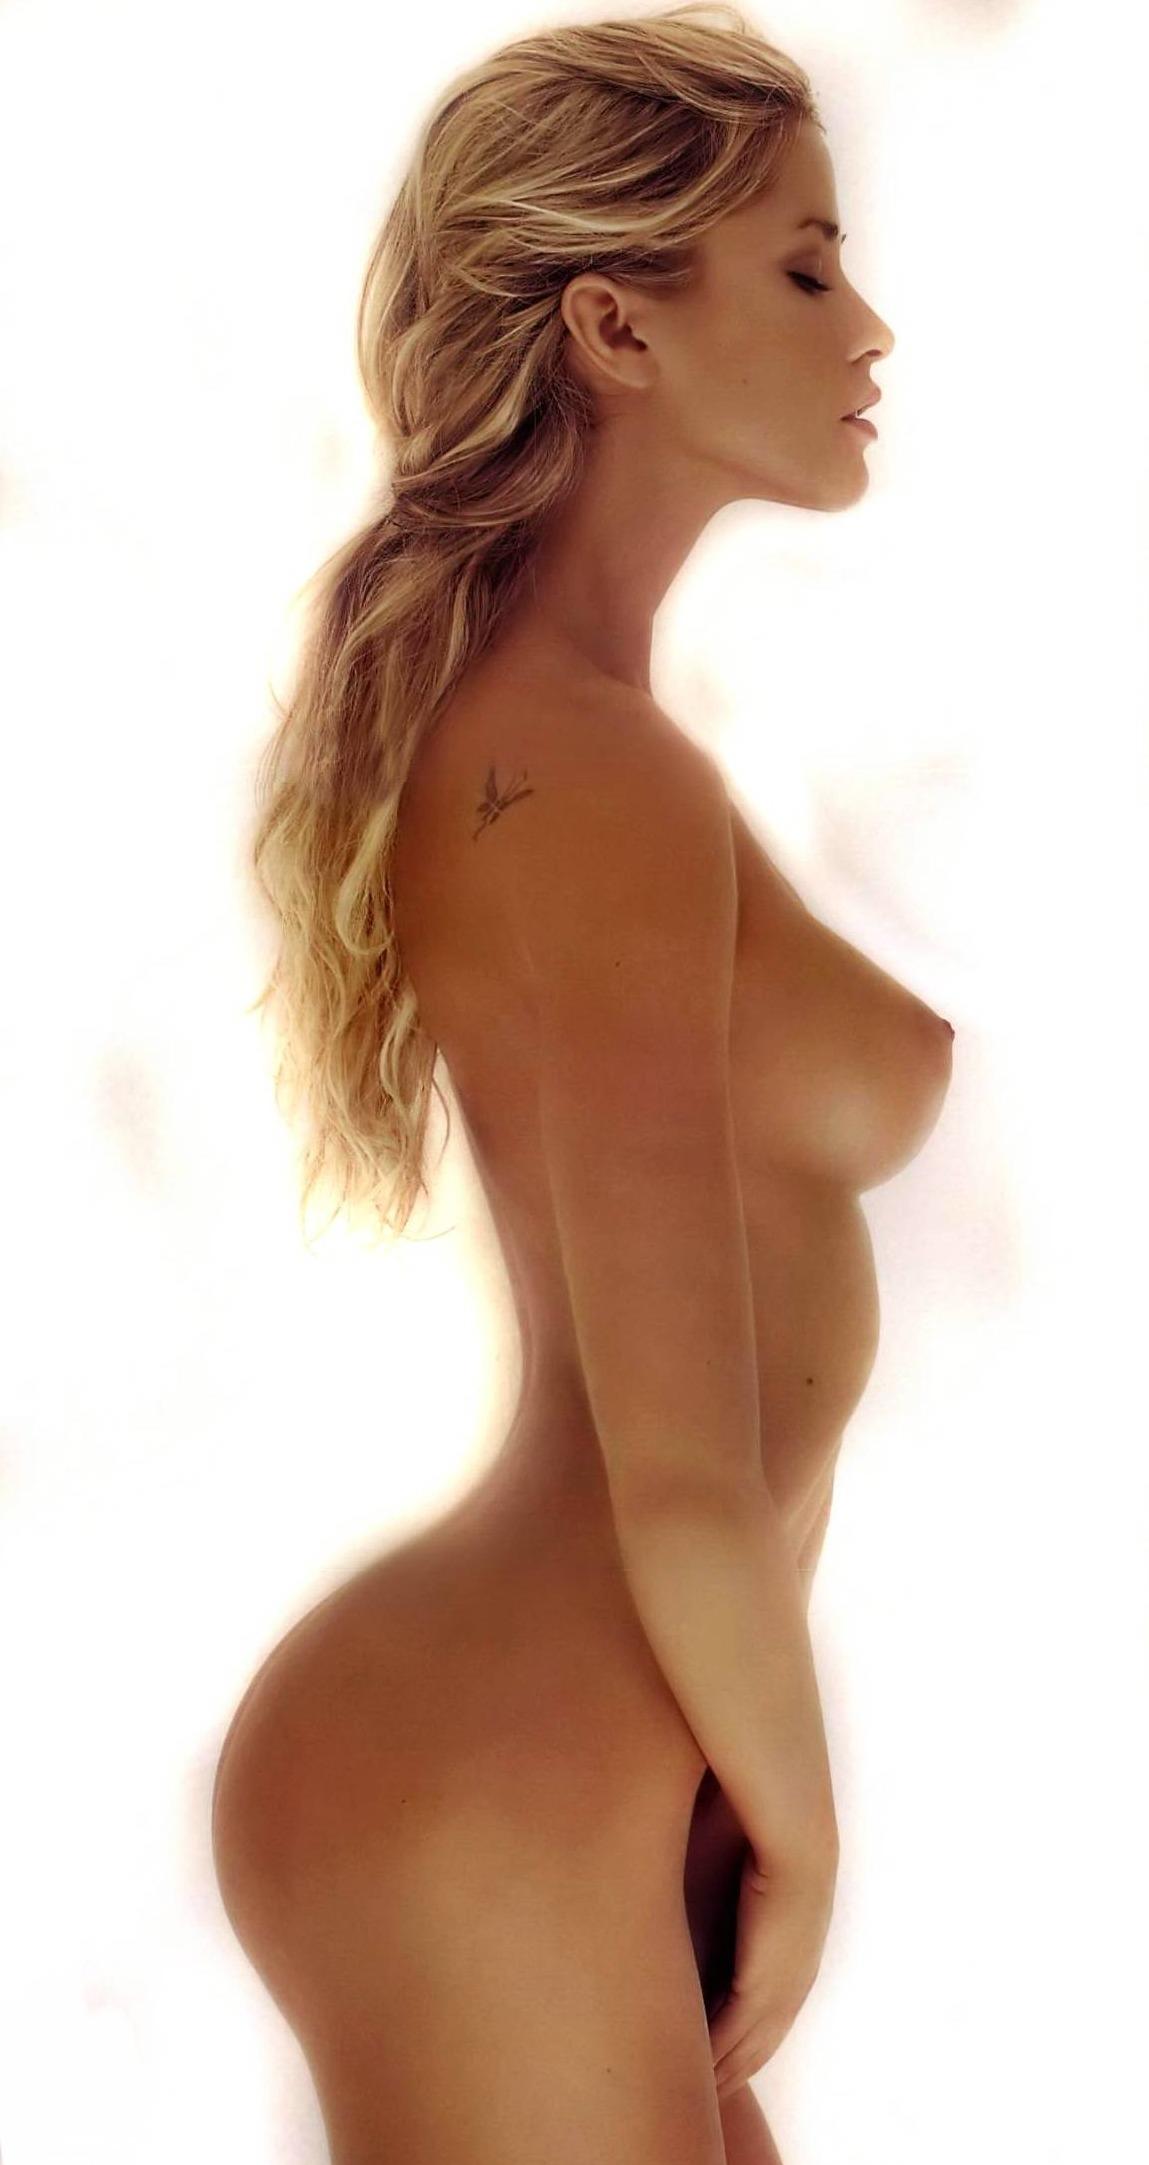 Elena Santarelli Calendario Nuda.Forum Entrisolosesorridi Tutti Sperano Di Vedere Elena